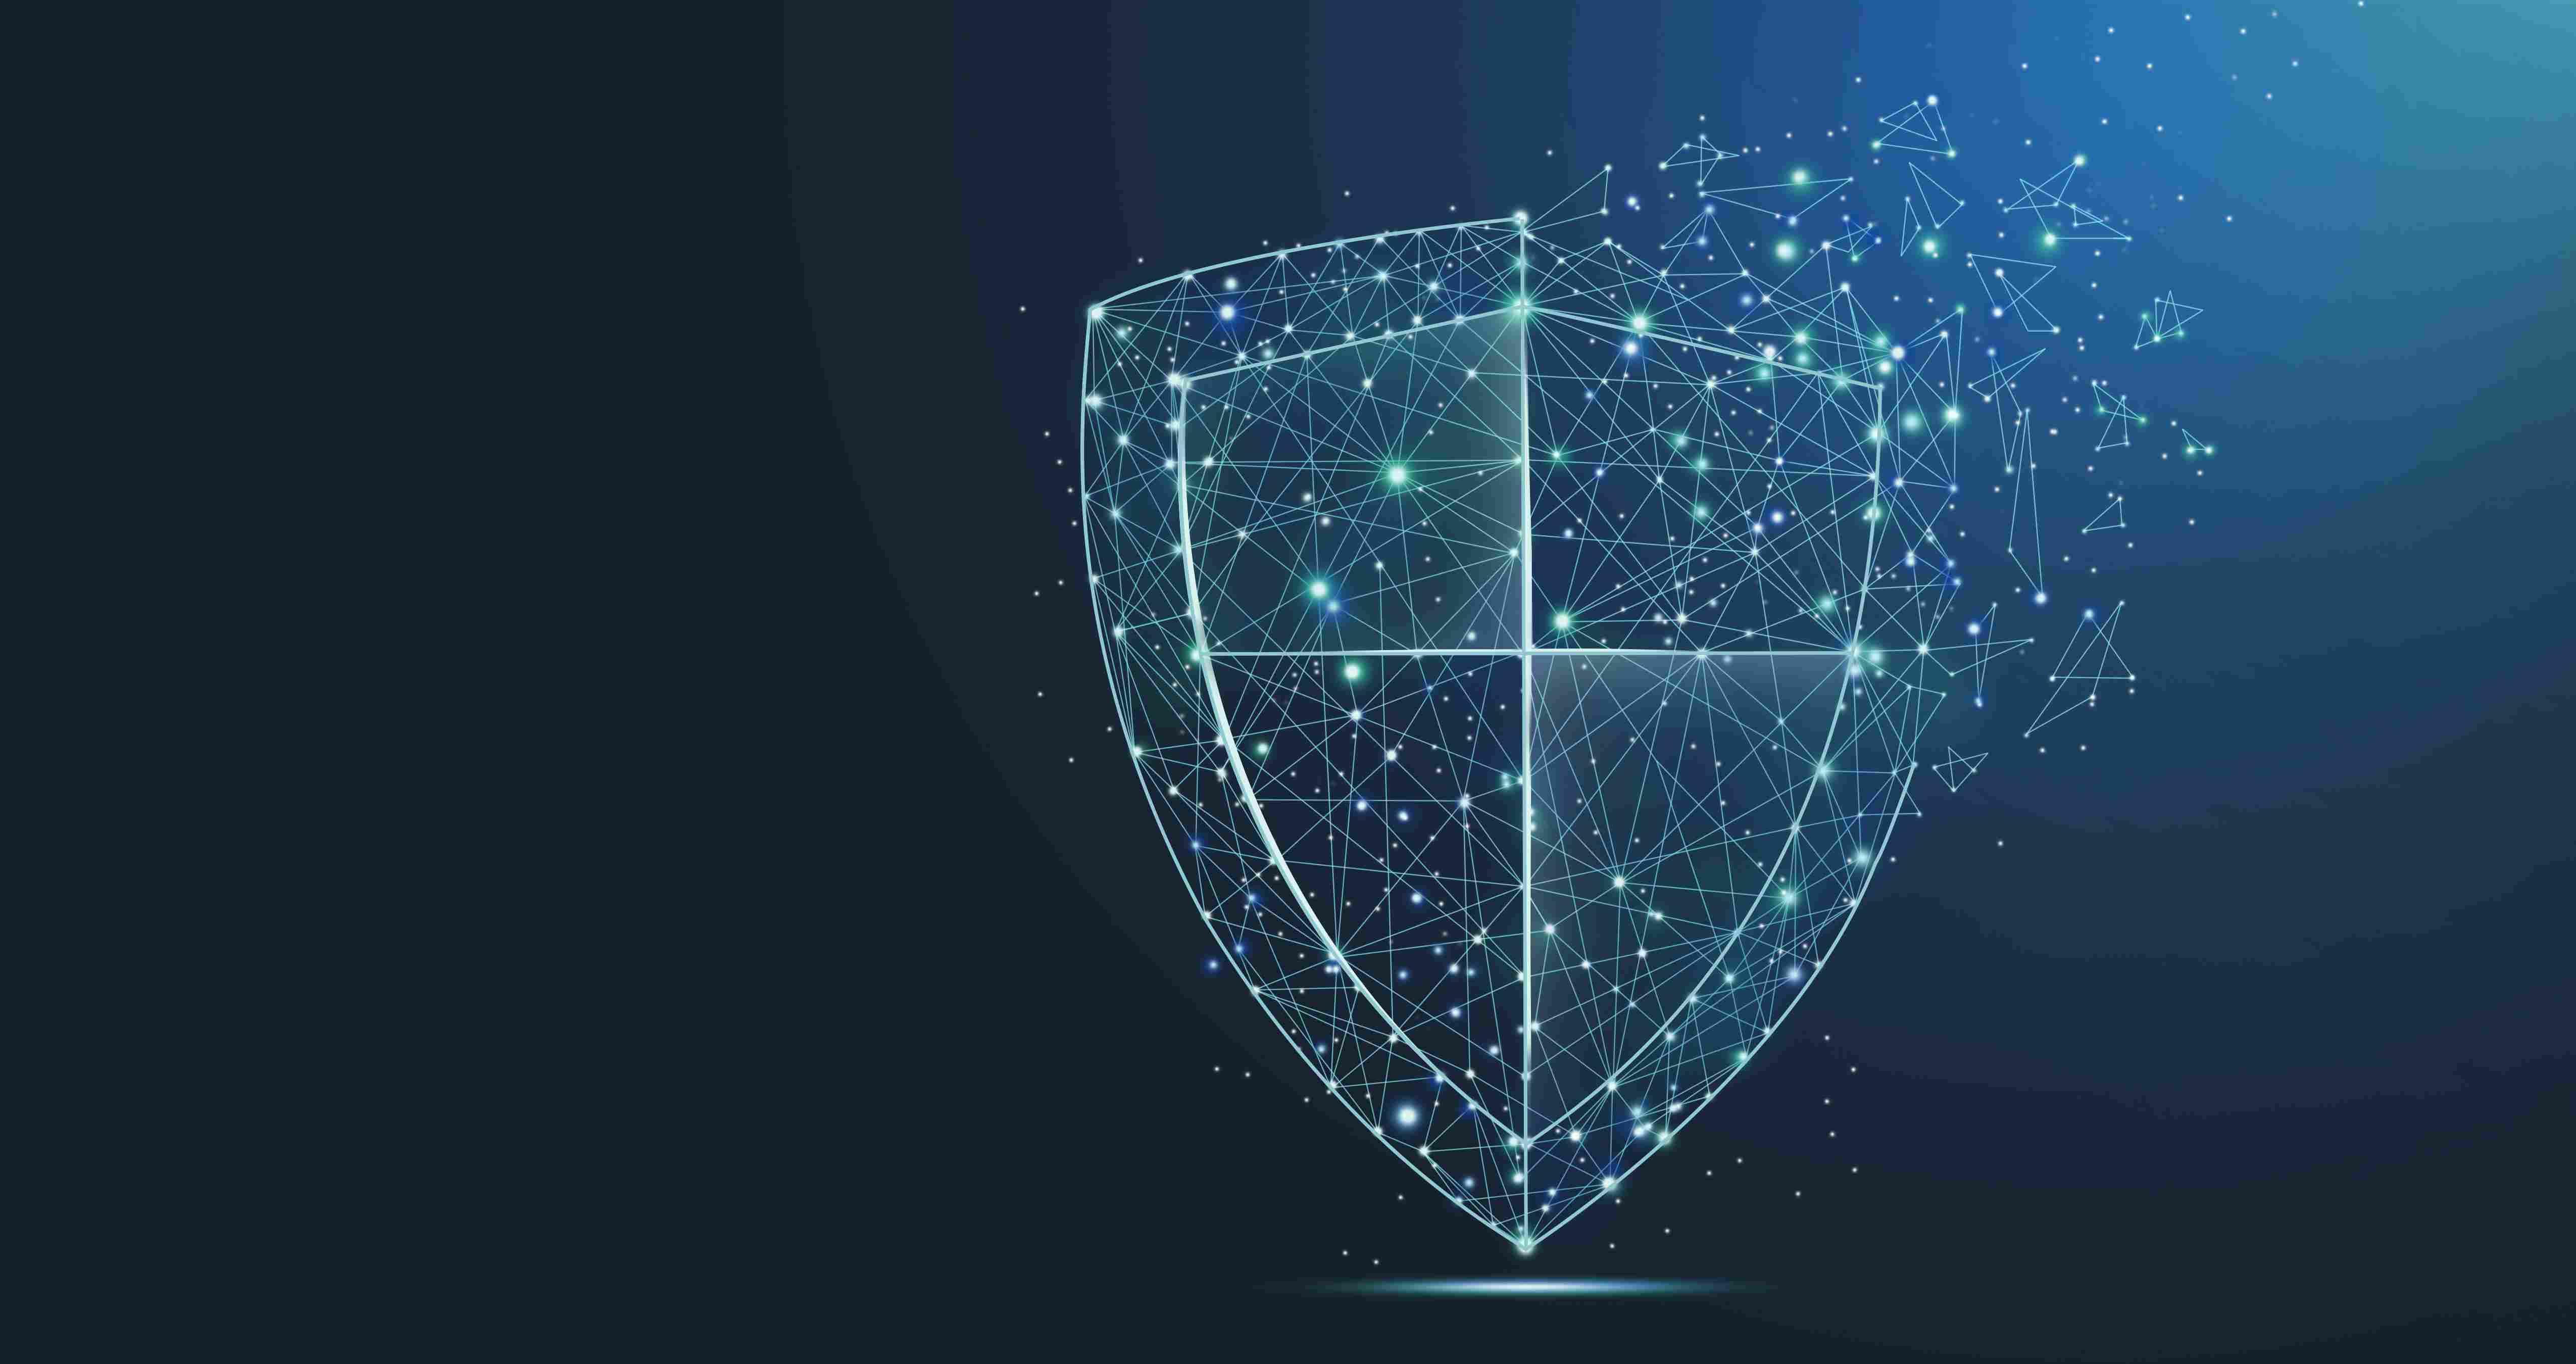 网站建设中如何预防安全问题